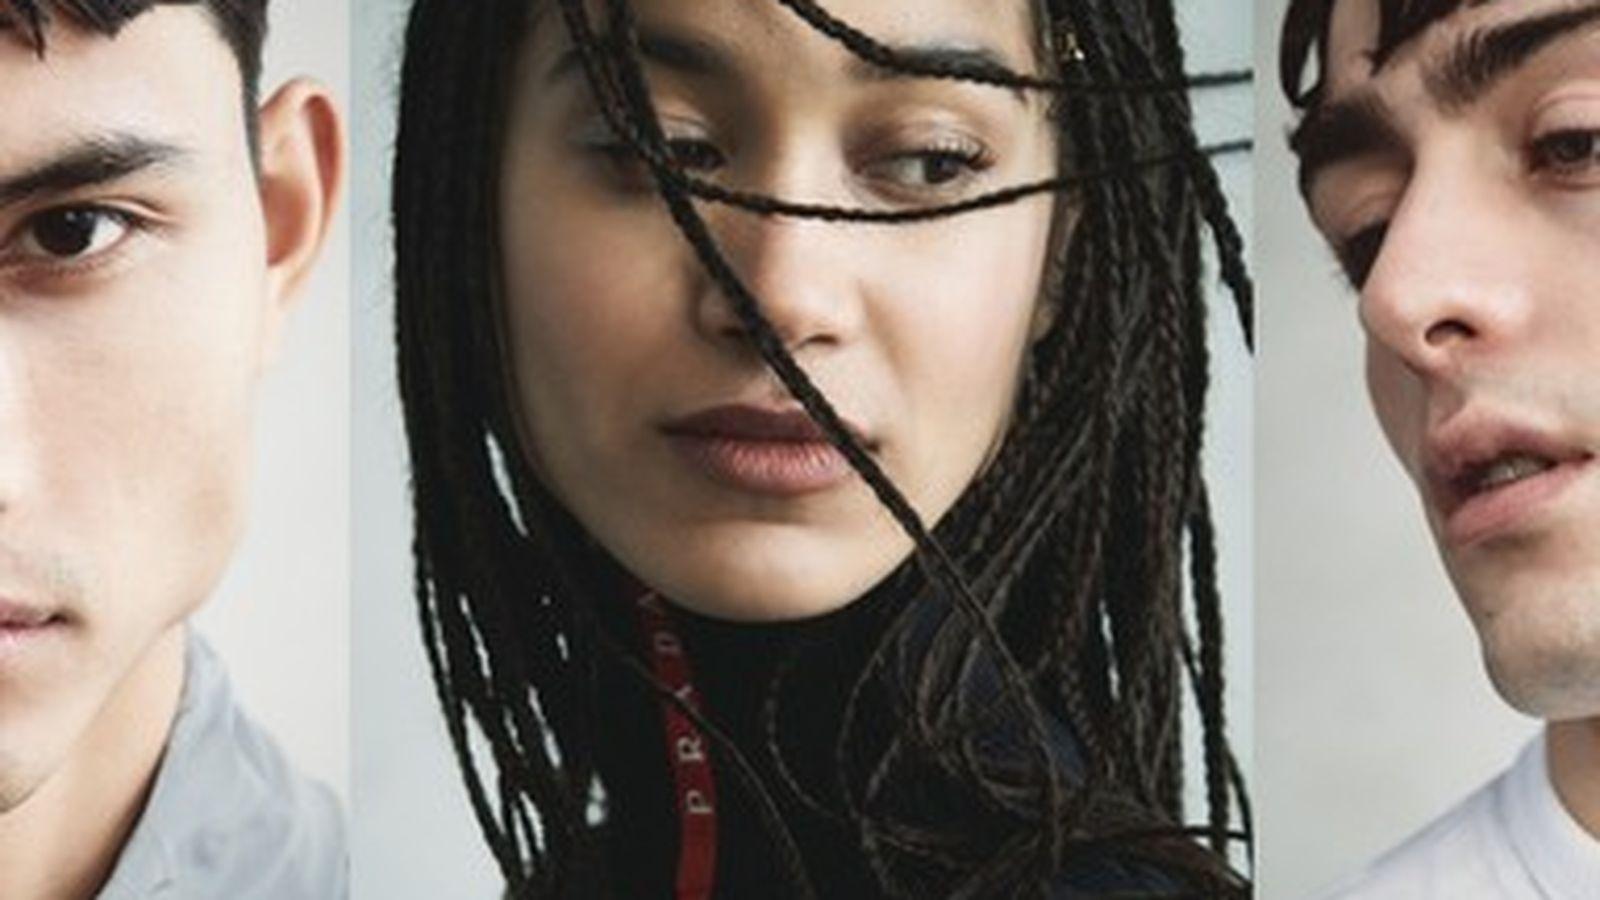 PRADA LINEA ROSSA PRESENTED BY HIGHSNOBIETY - campaign